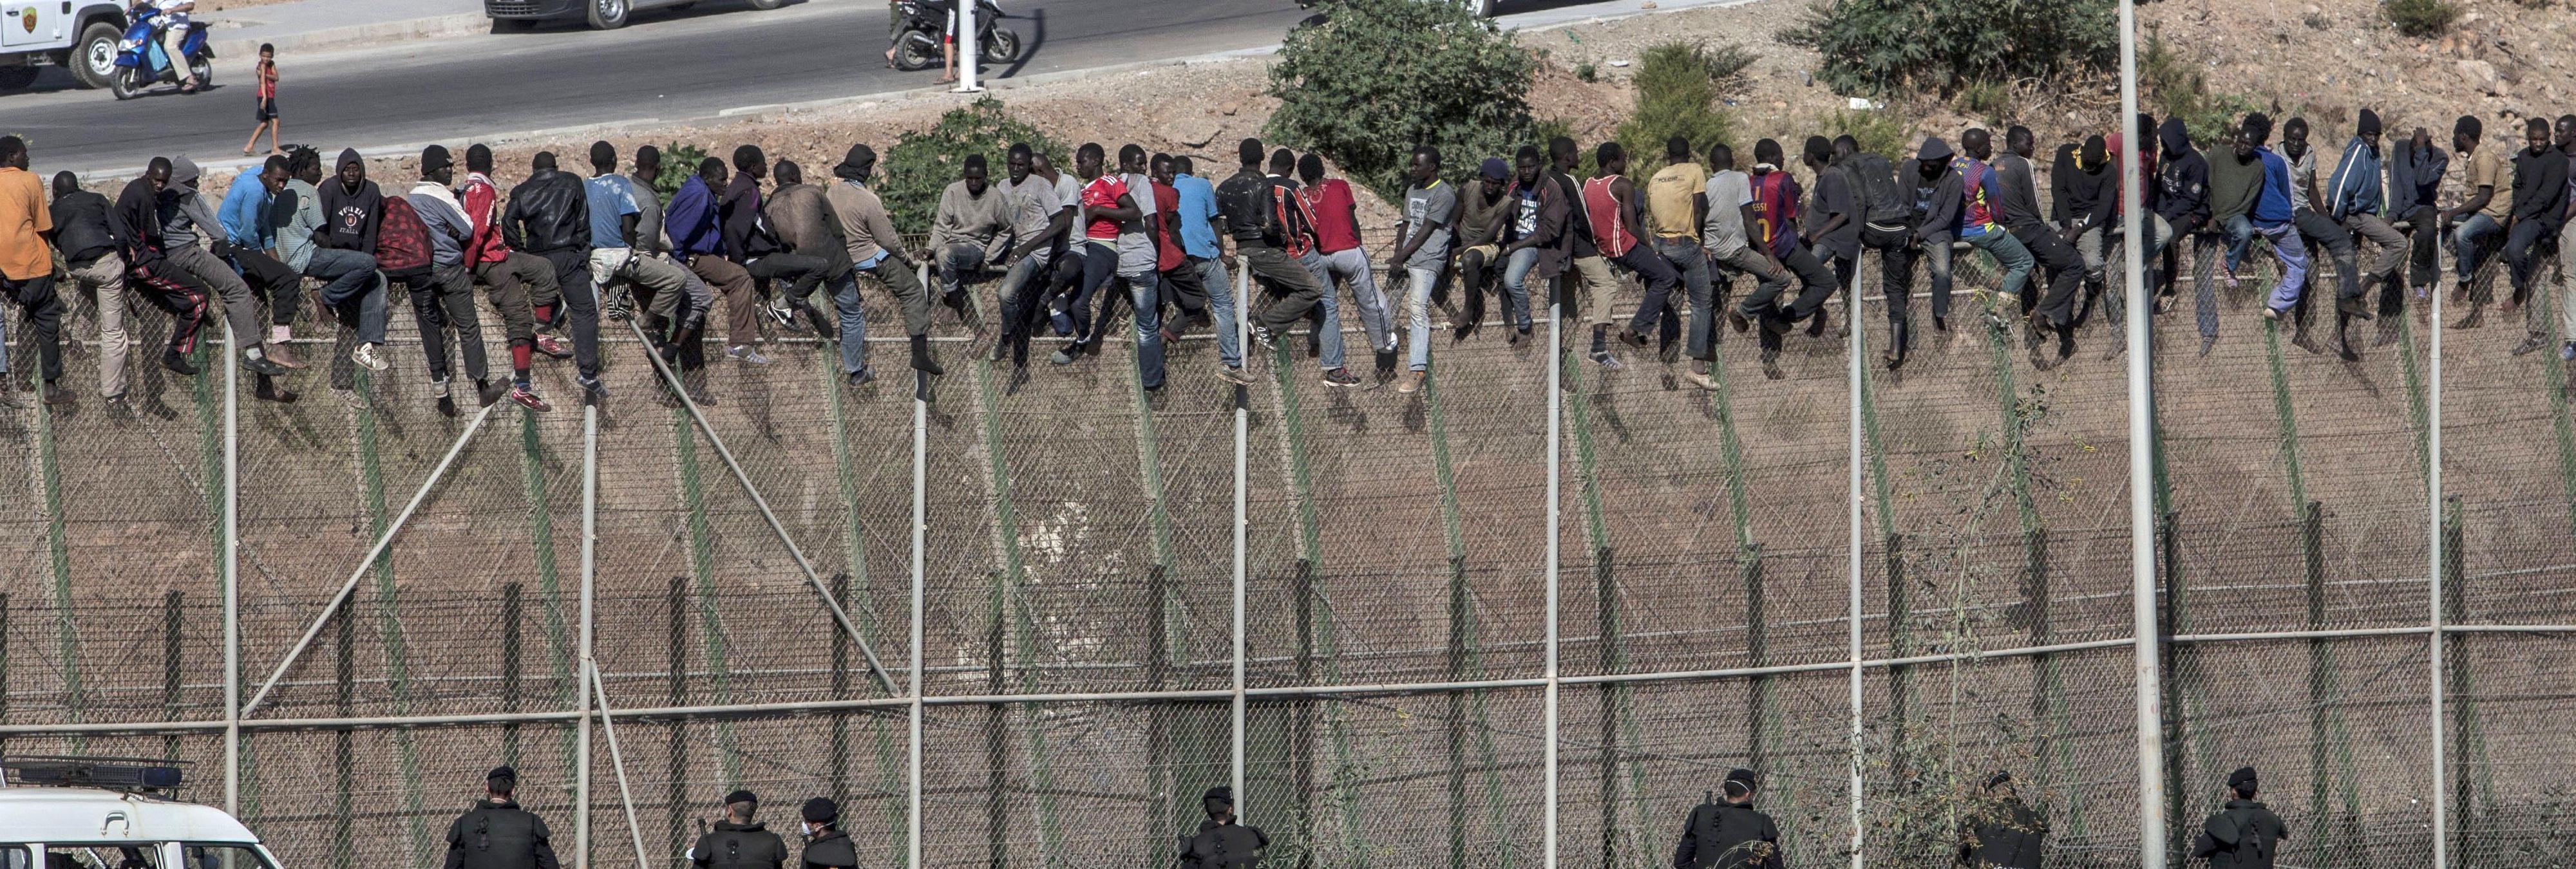 El primer spot de Donald Trump ataca a los inmigrantes mexicanos... con imágenes de Melilla